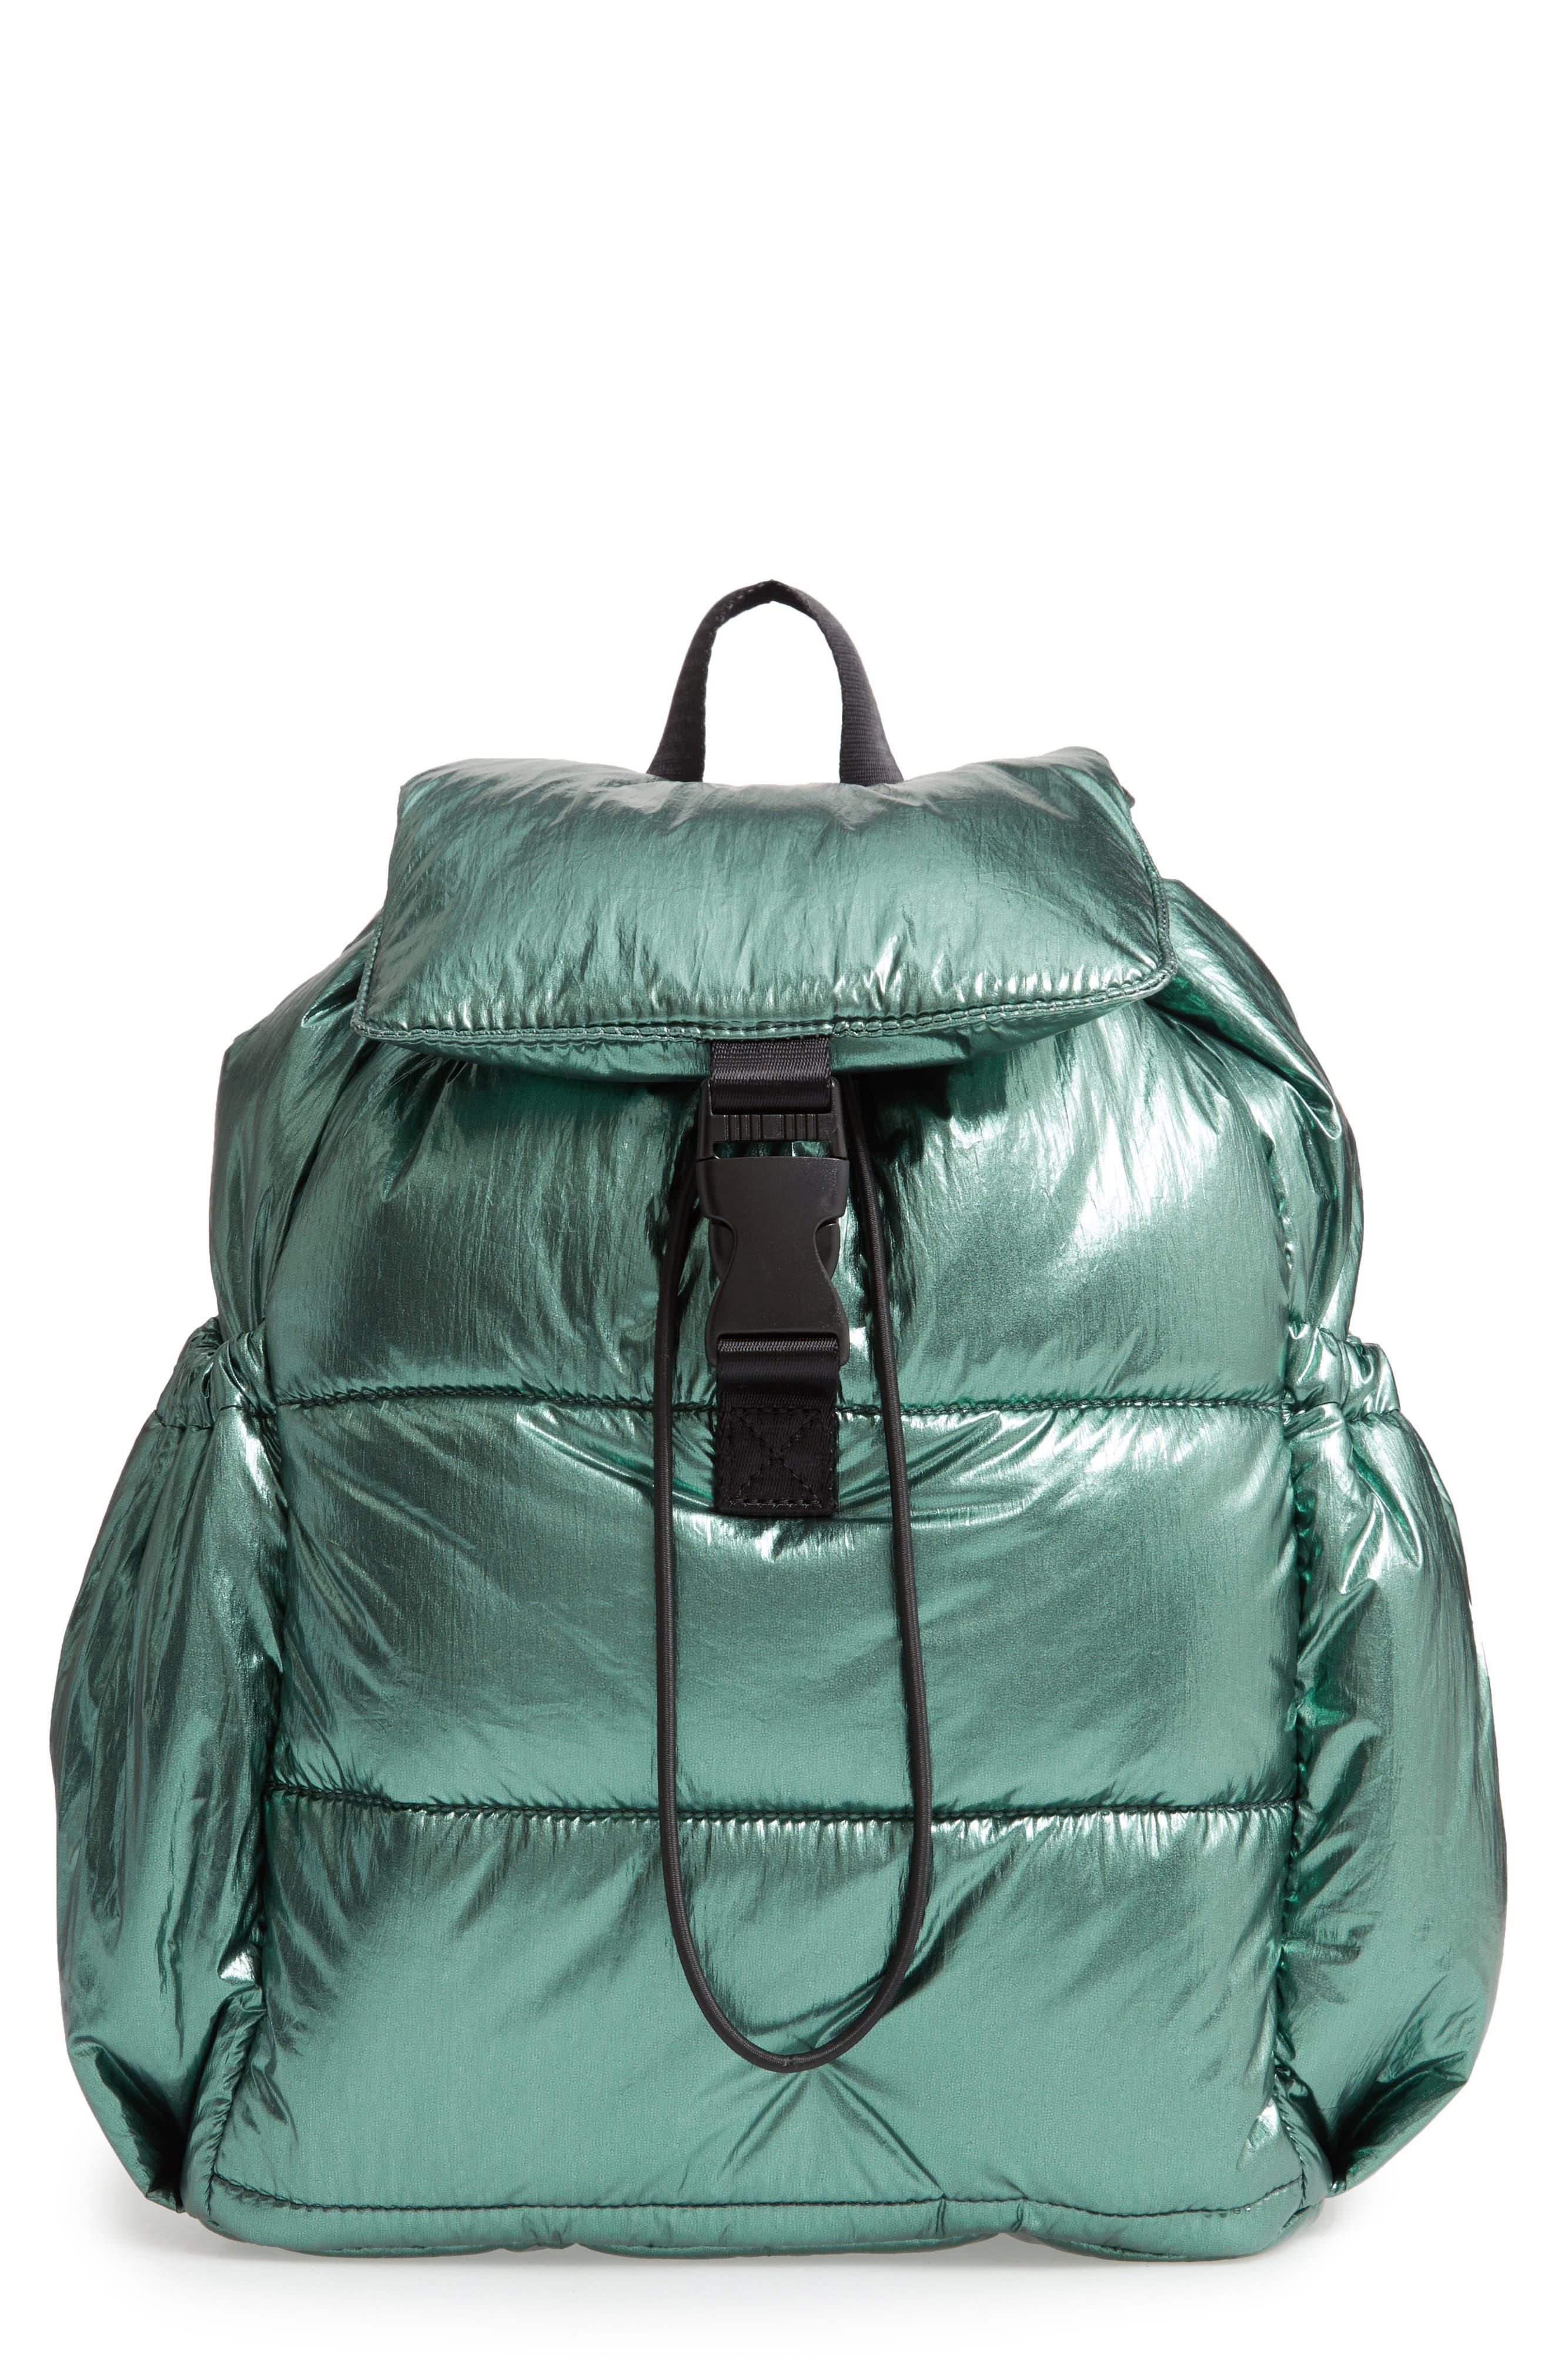 TROUVÉ Teri Nylon Backpack, Main, color, SHINY EMERALD